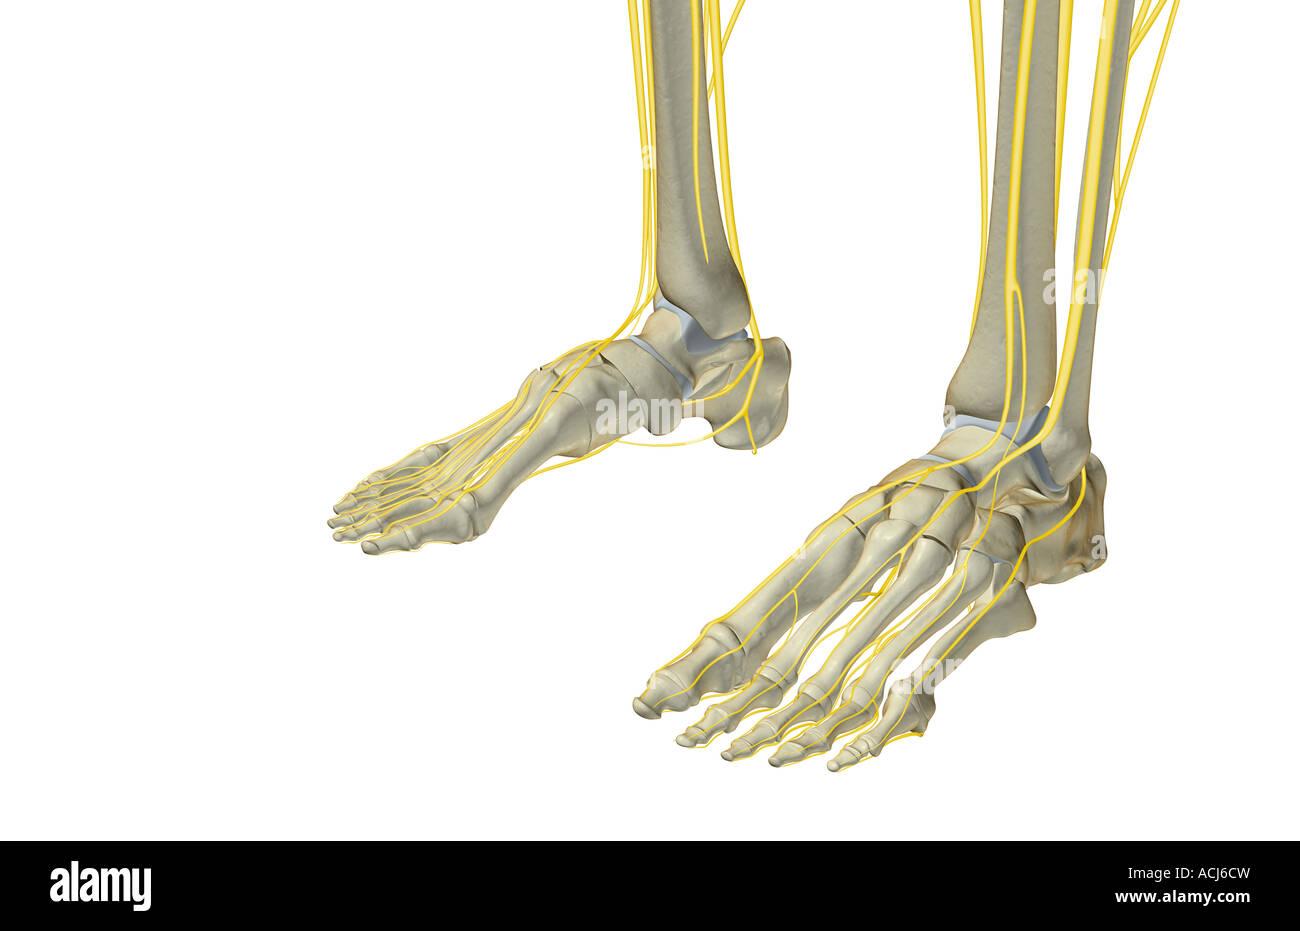 Schön Hand Anatomie Nerven Bilder - Anatomie Von Menschlichen ...